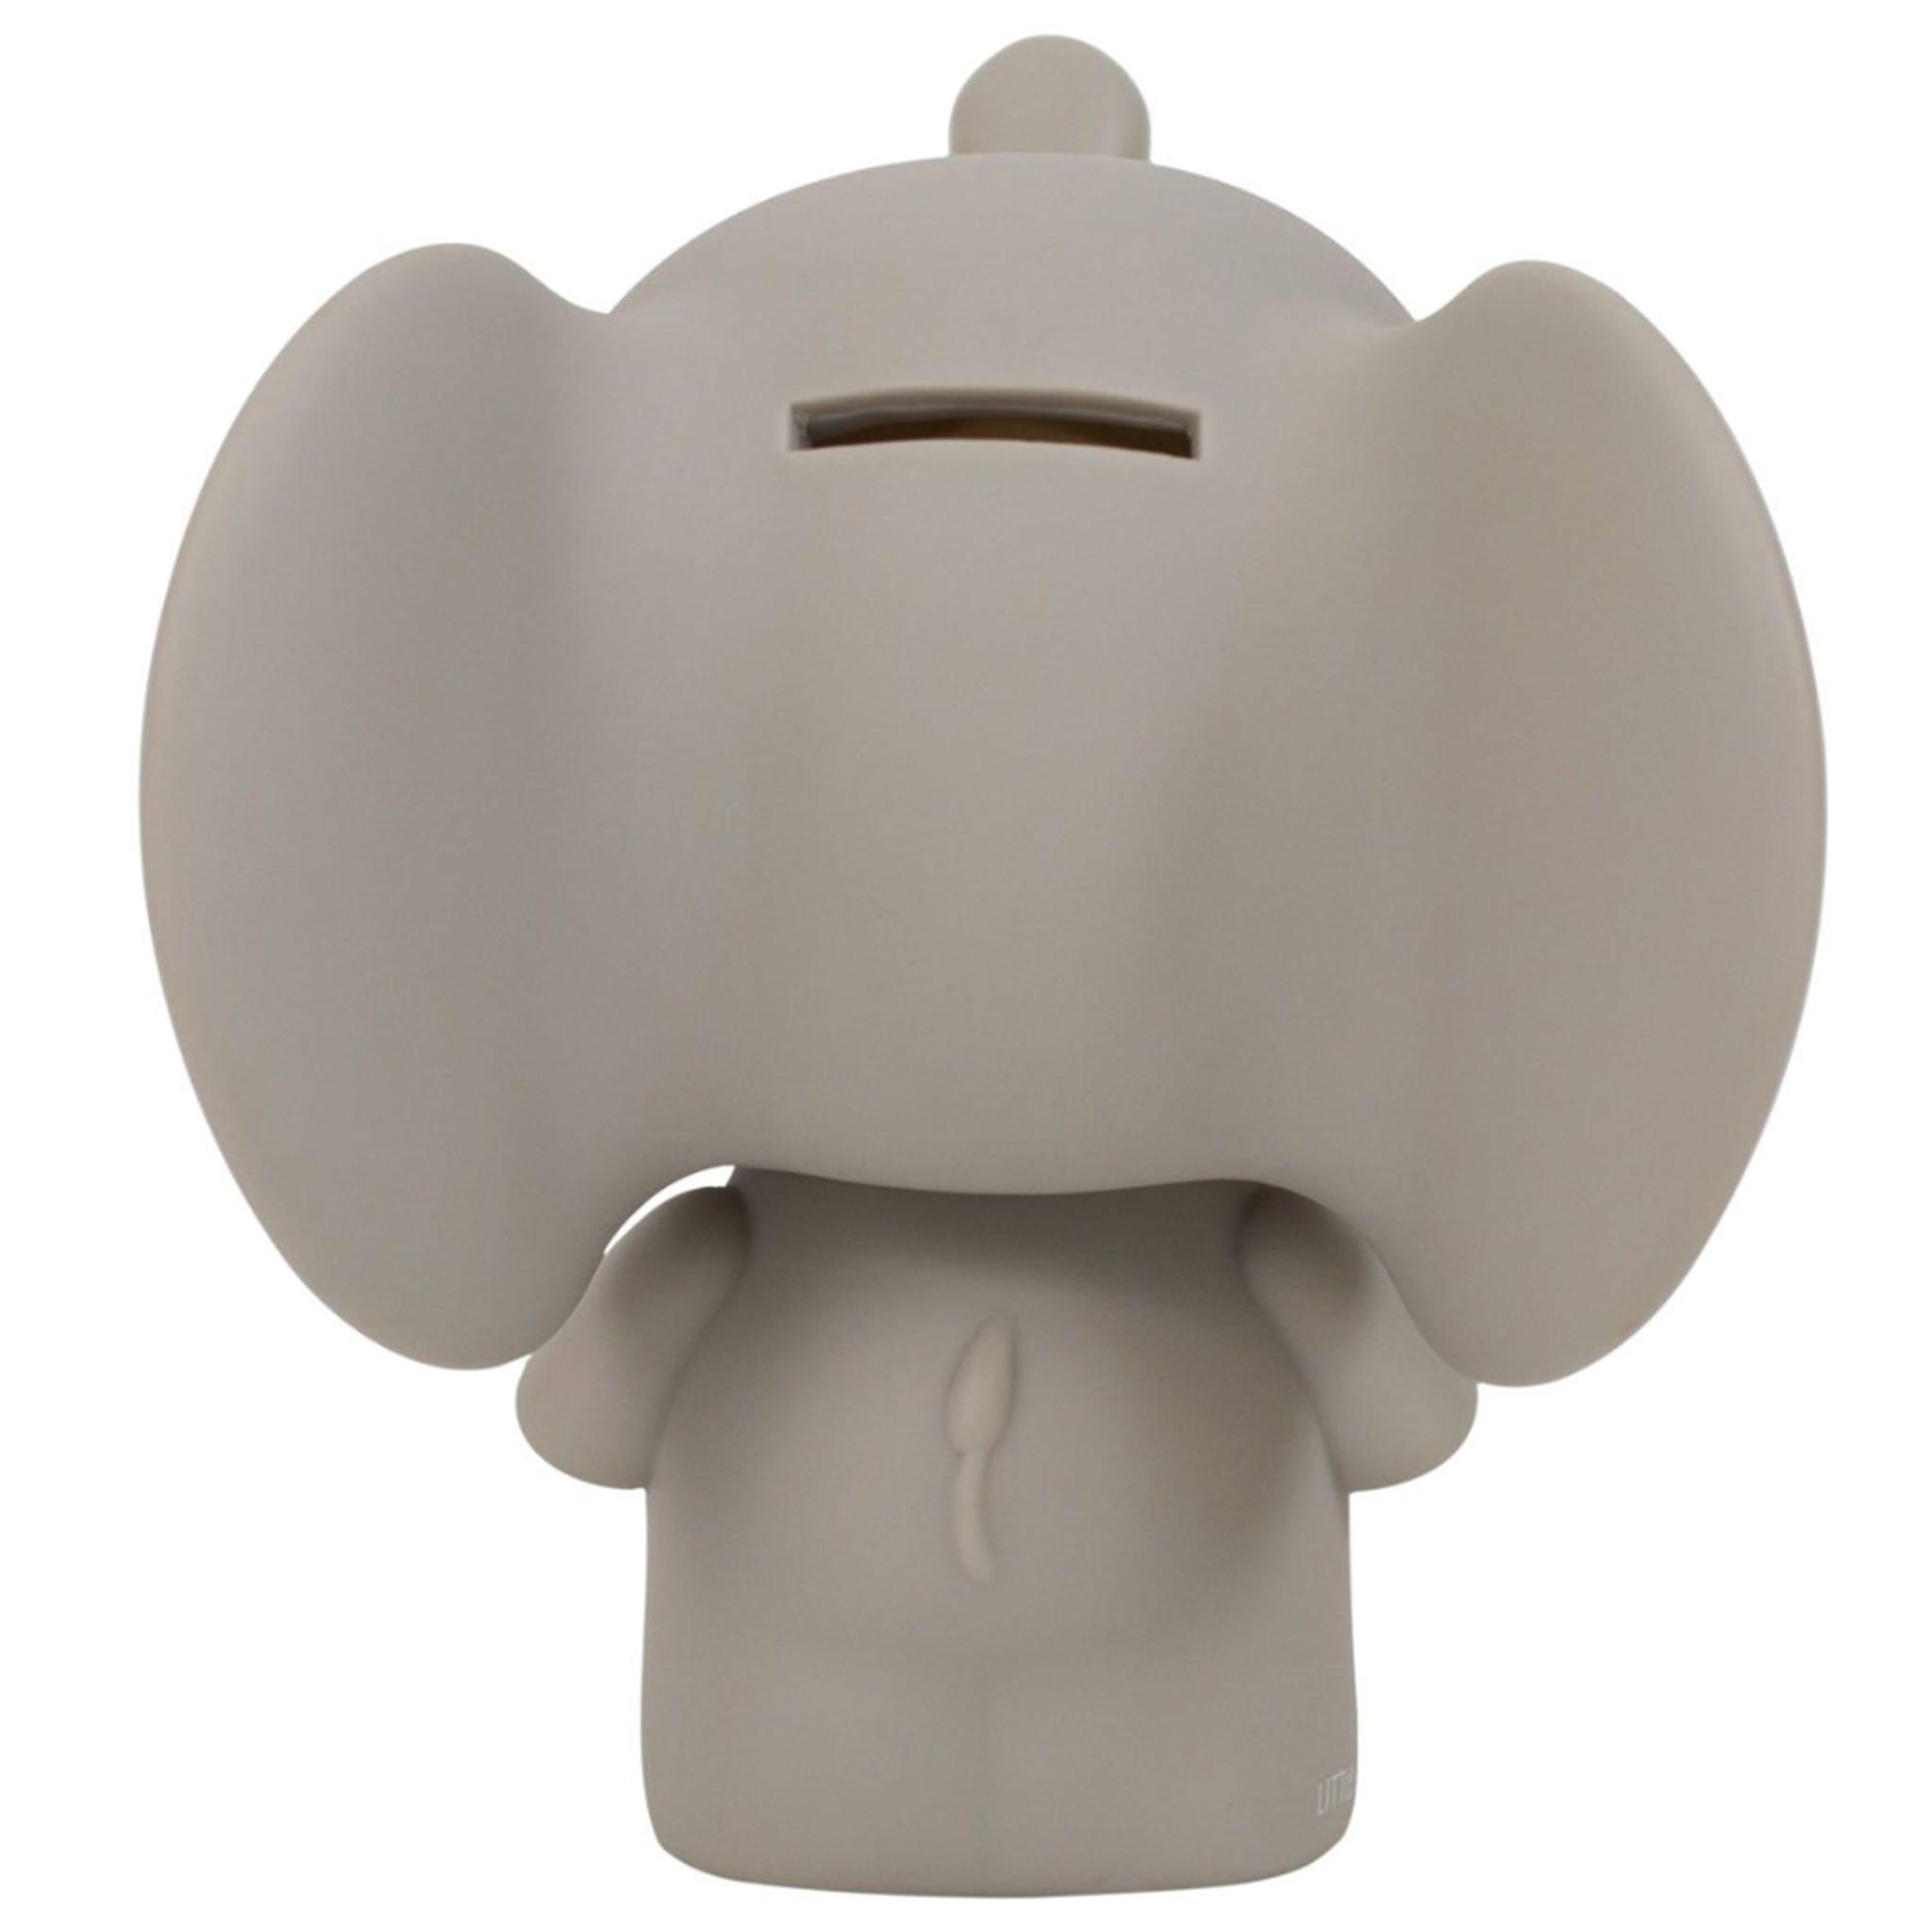 Gris lovely little company Banque Elephant Clément A shQtrdC